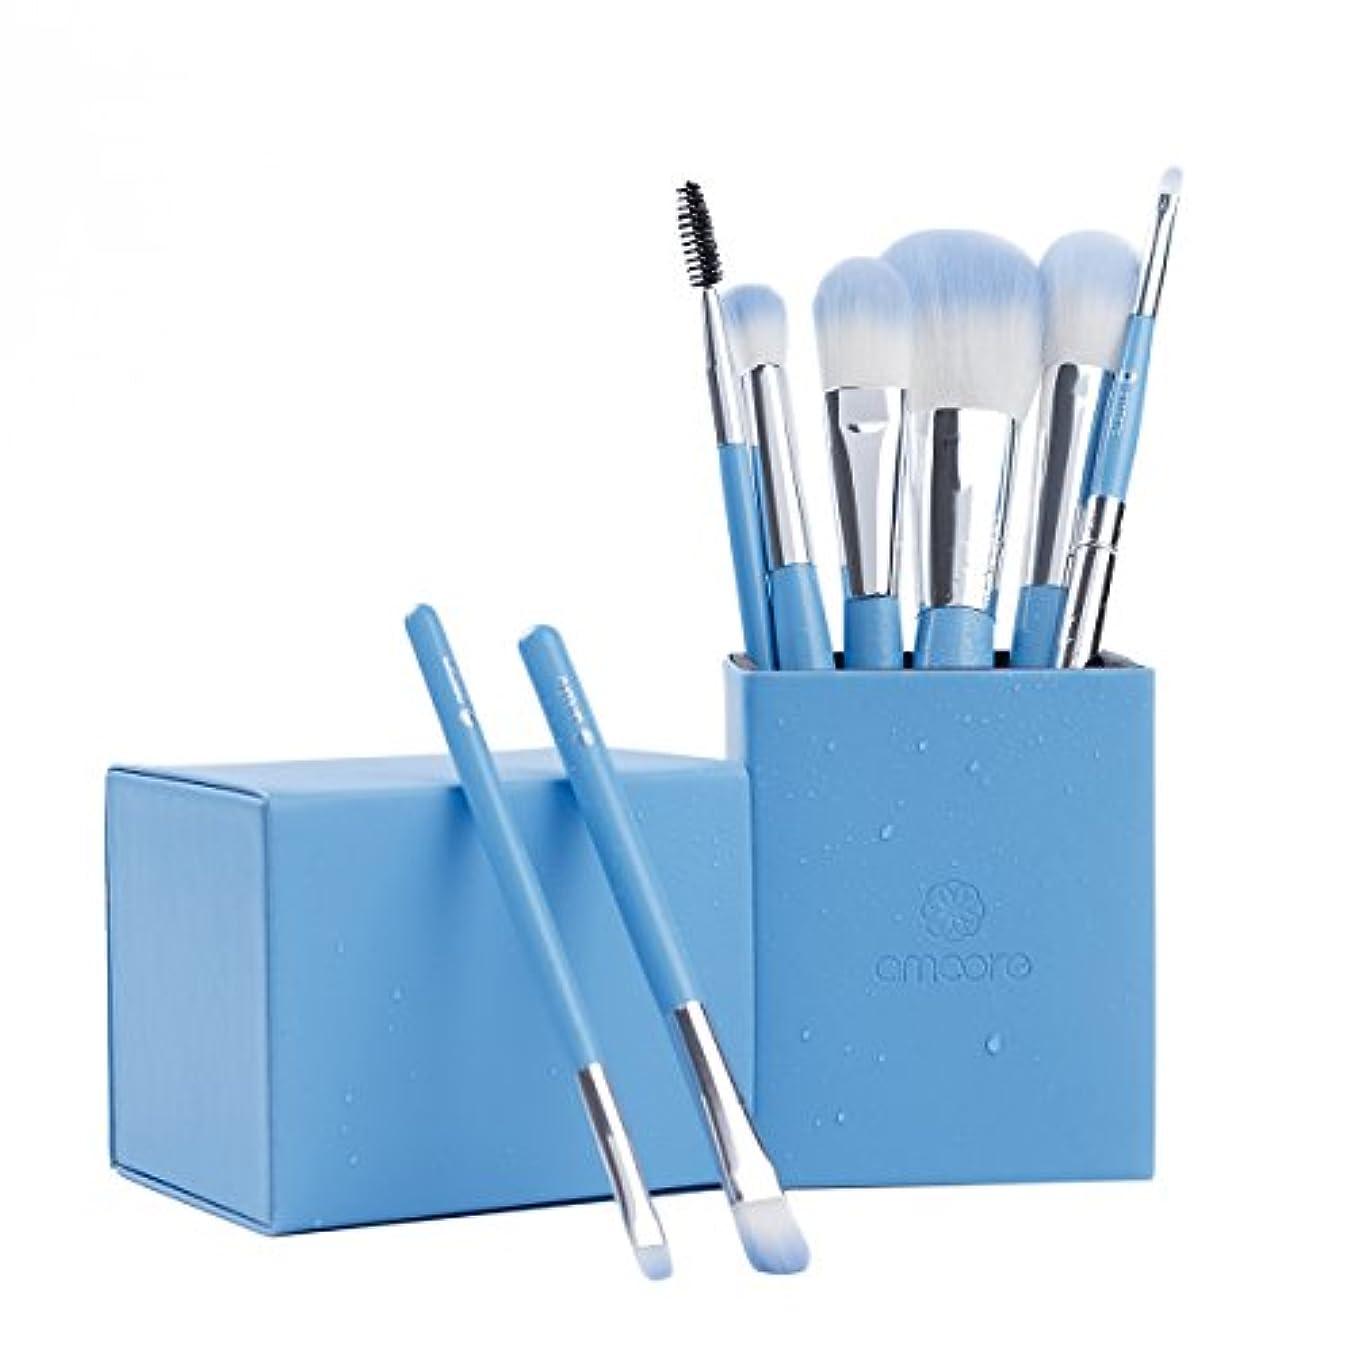 代数アート悩むamoore 化粧筆 メイクブラシセット 化粧ブラシ セット コスメ ブラシ 収納ケース付き (8本, 水色)